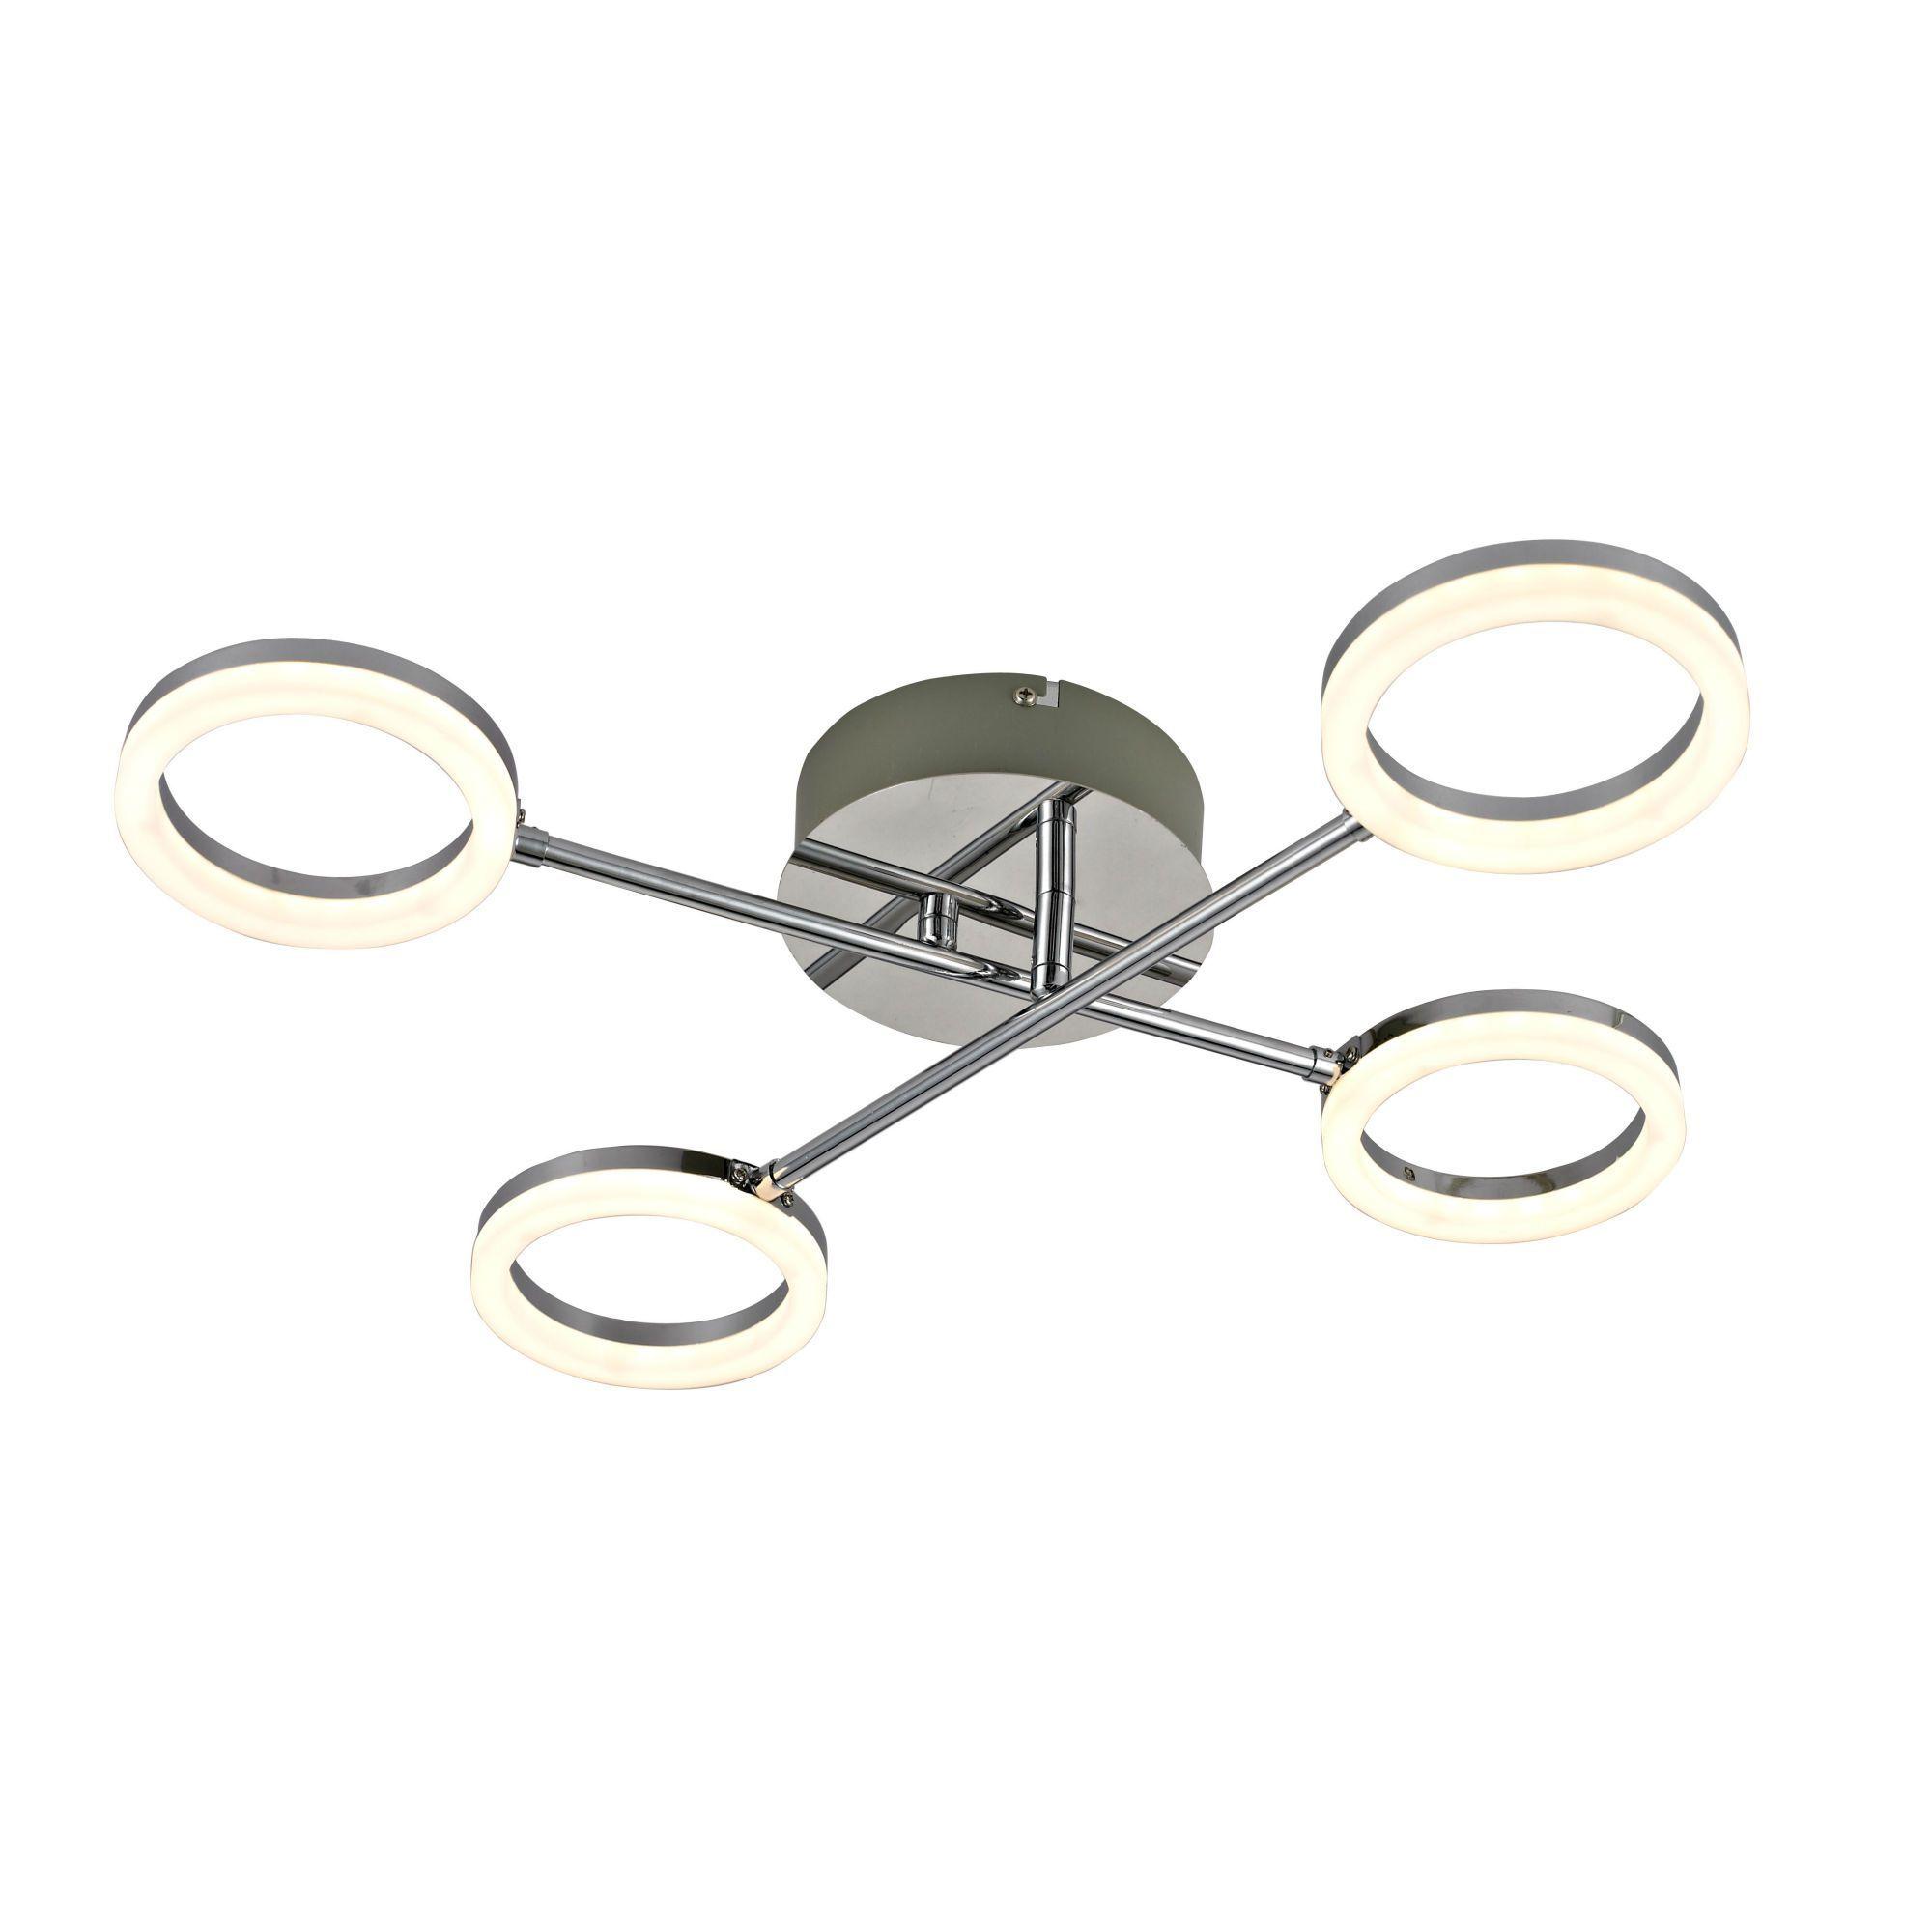 SOLDE: Plafonnier LED 4 Lumières Chrome L52,5cm   IRING Lustre Et Plafonnier  Inspire